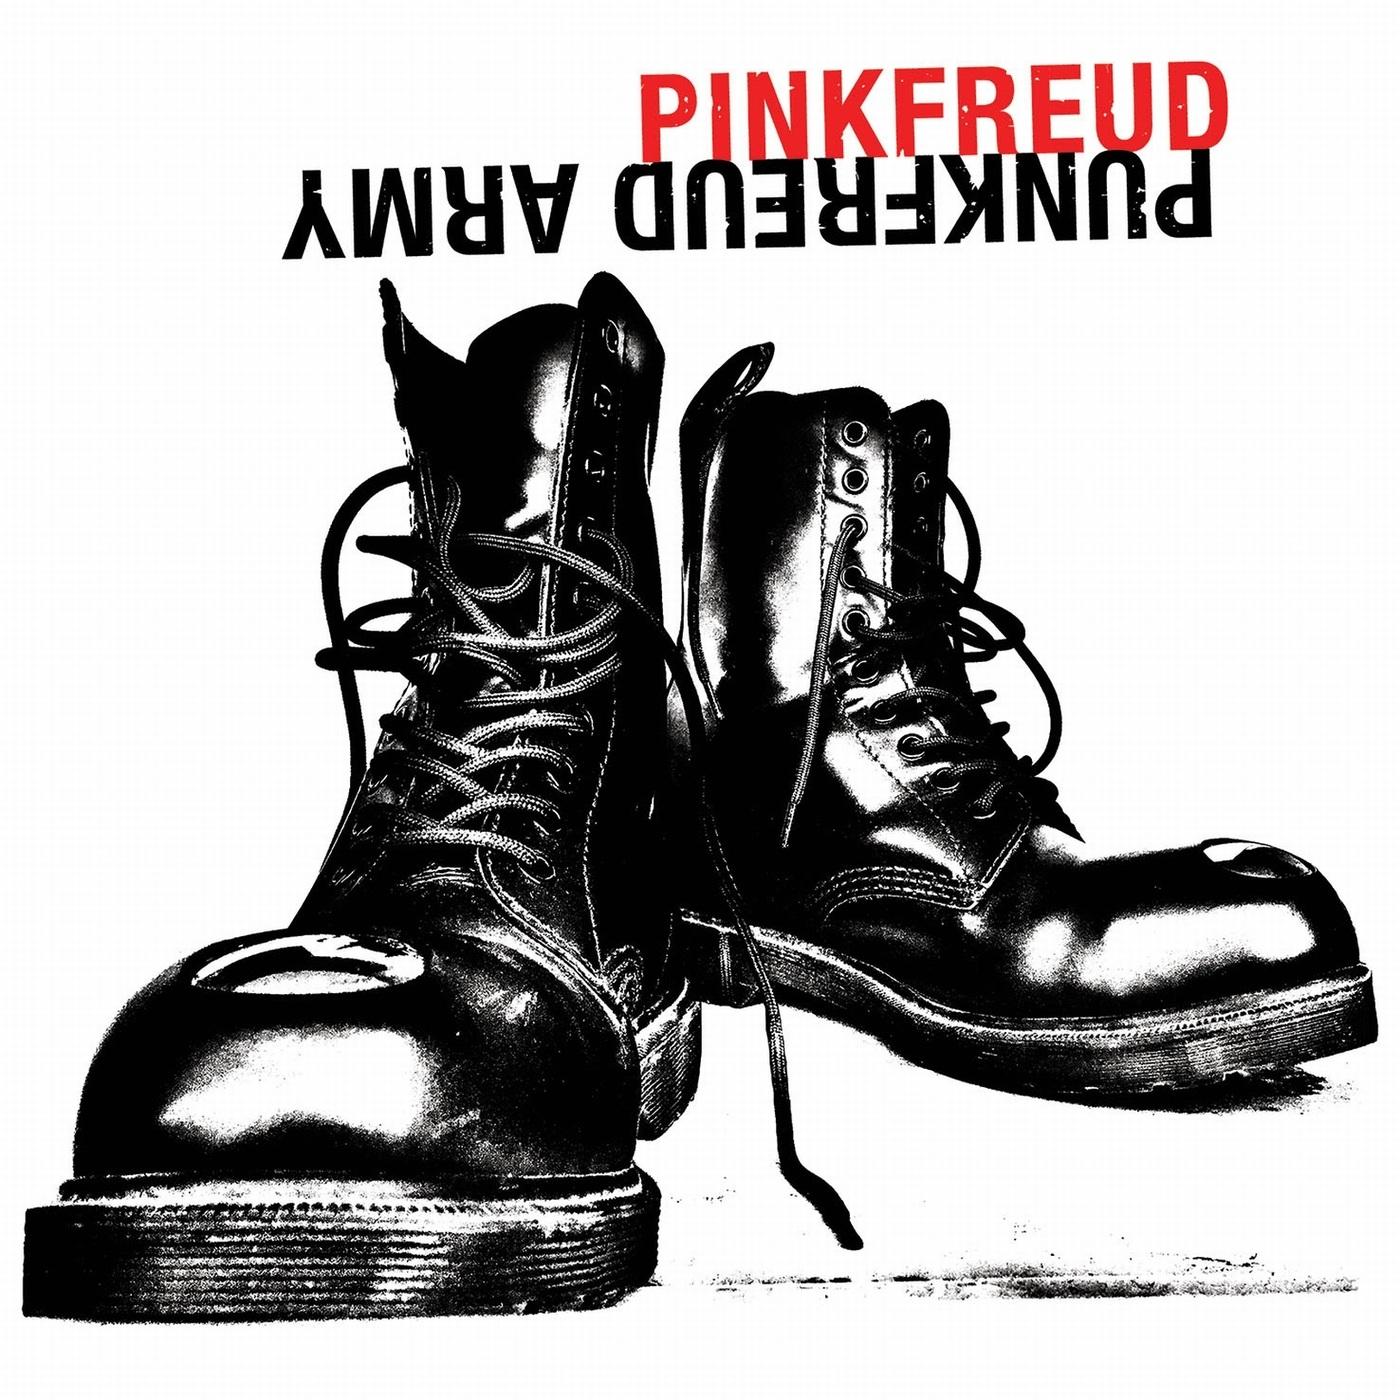 PINK FREUD - Punkfreud Army cover